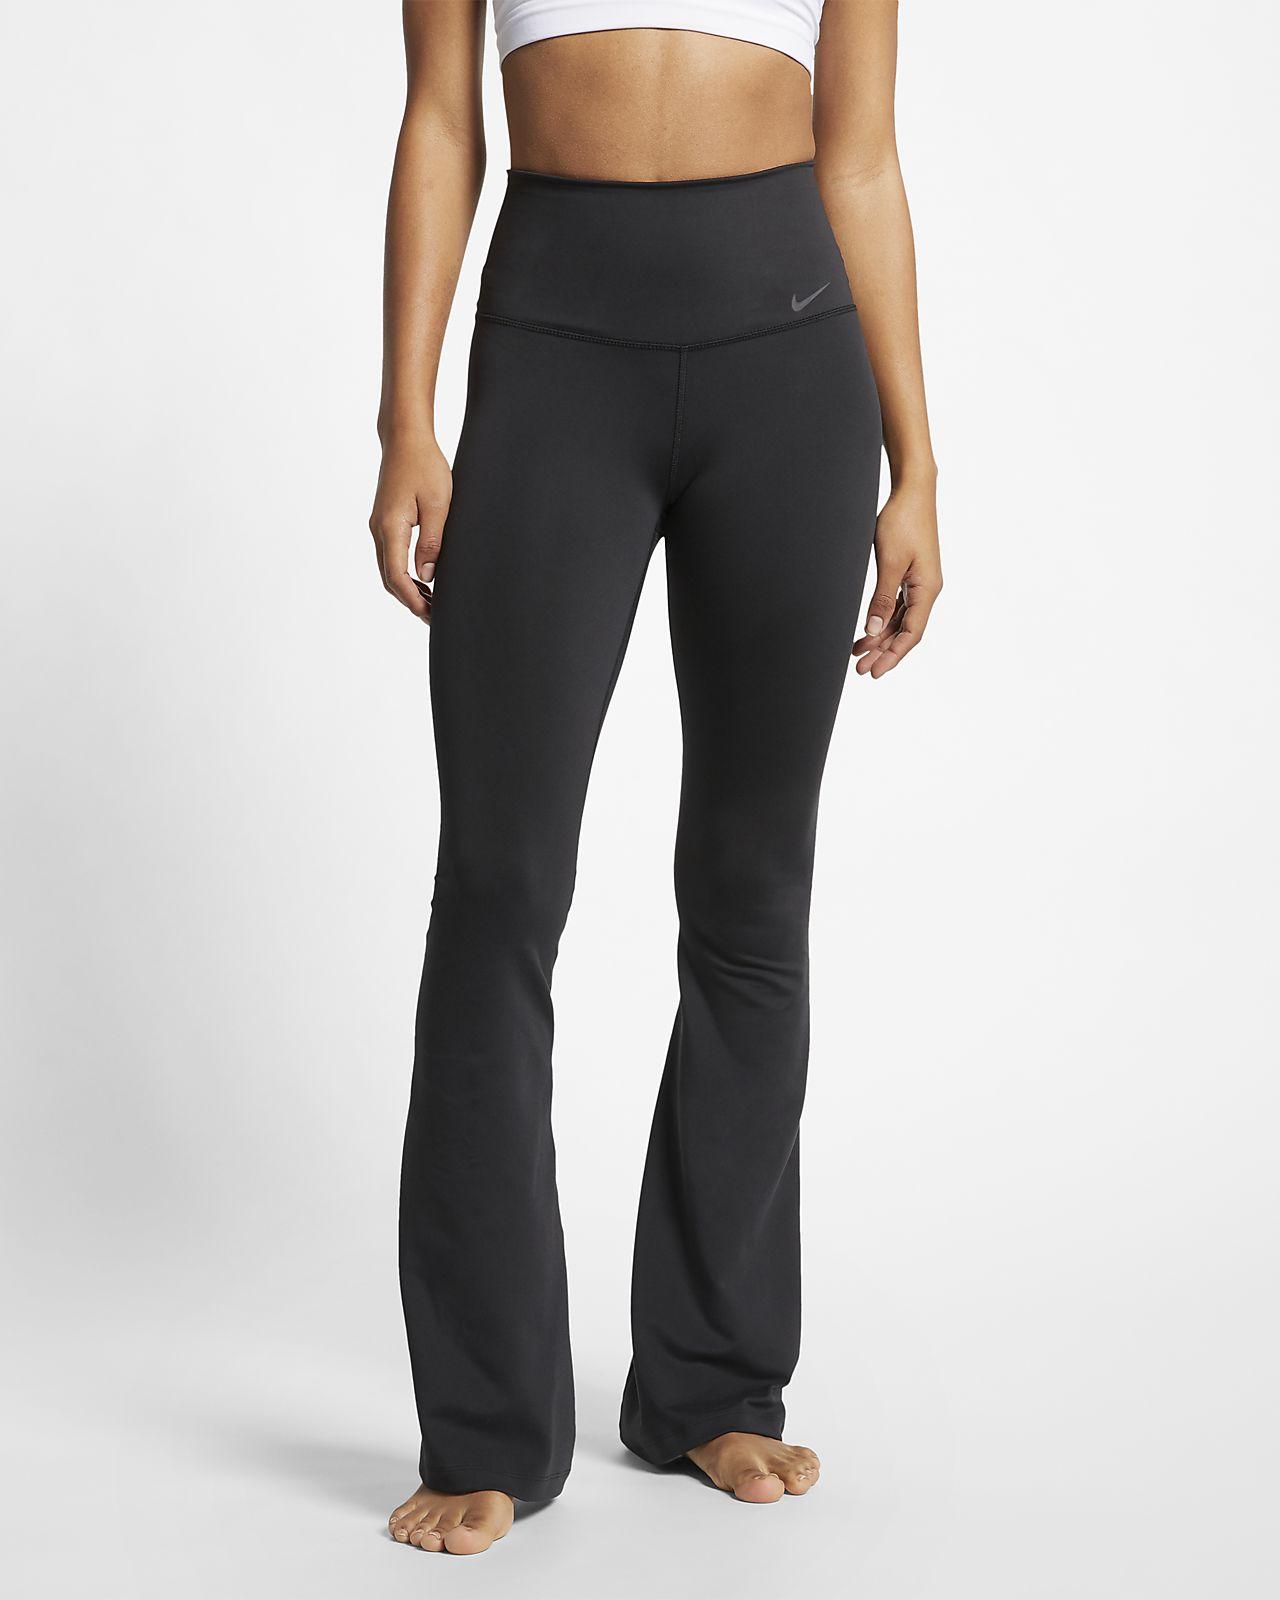 Nike Power Dri-FIT Mallas de entrenamiento - Mujer